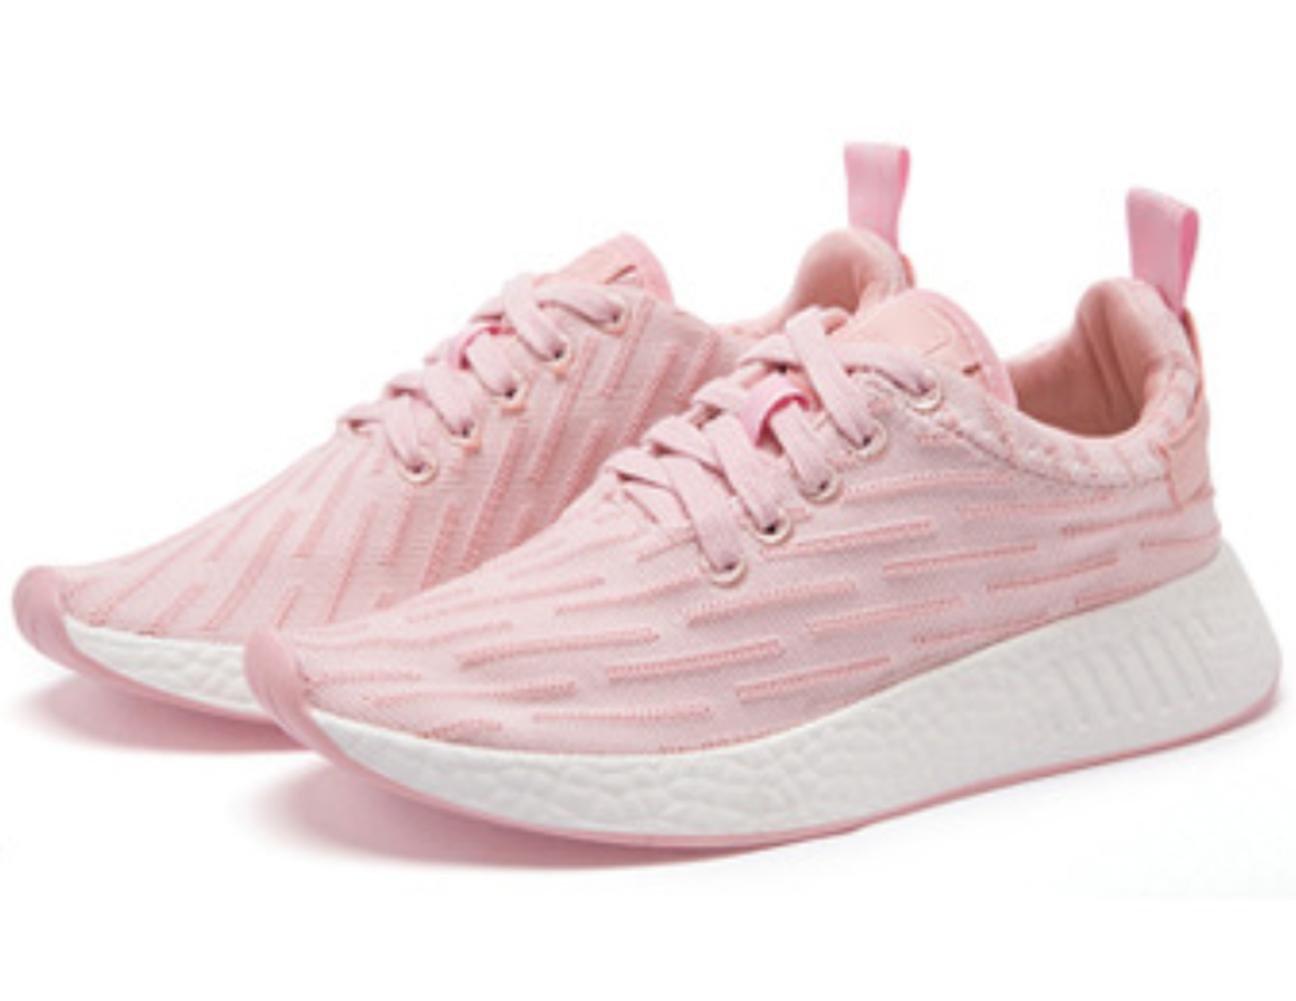 MEI Fall Sport Frauen Schuhe Student Laufschuhe flache Flaschen Schuhe Schuhe Schuhe Breathable Casual Schuhe Couples Schuhe  US7.5   EU38   UK5.5   CN38 175b37